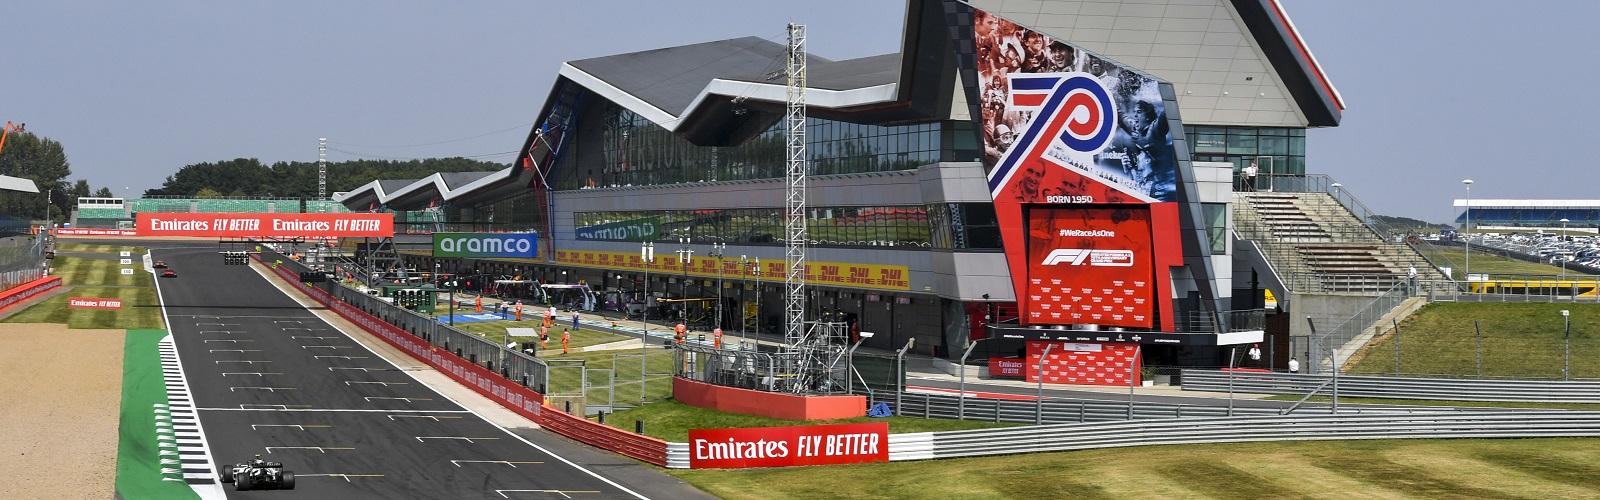 1.f1-paddock-club-britain